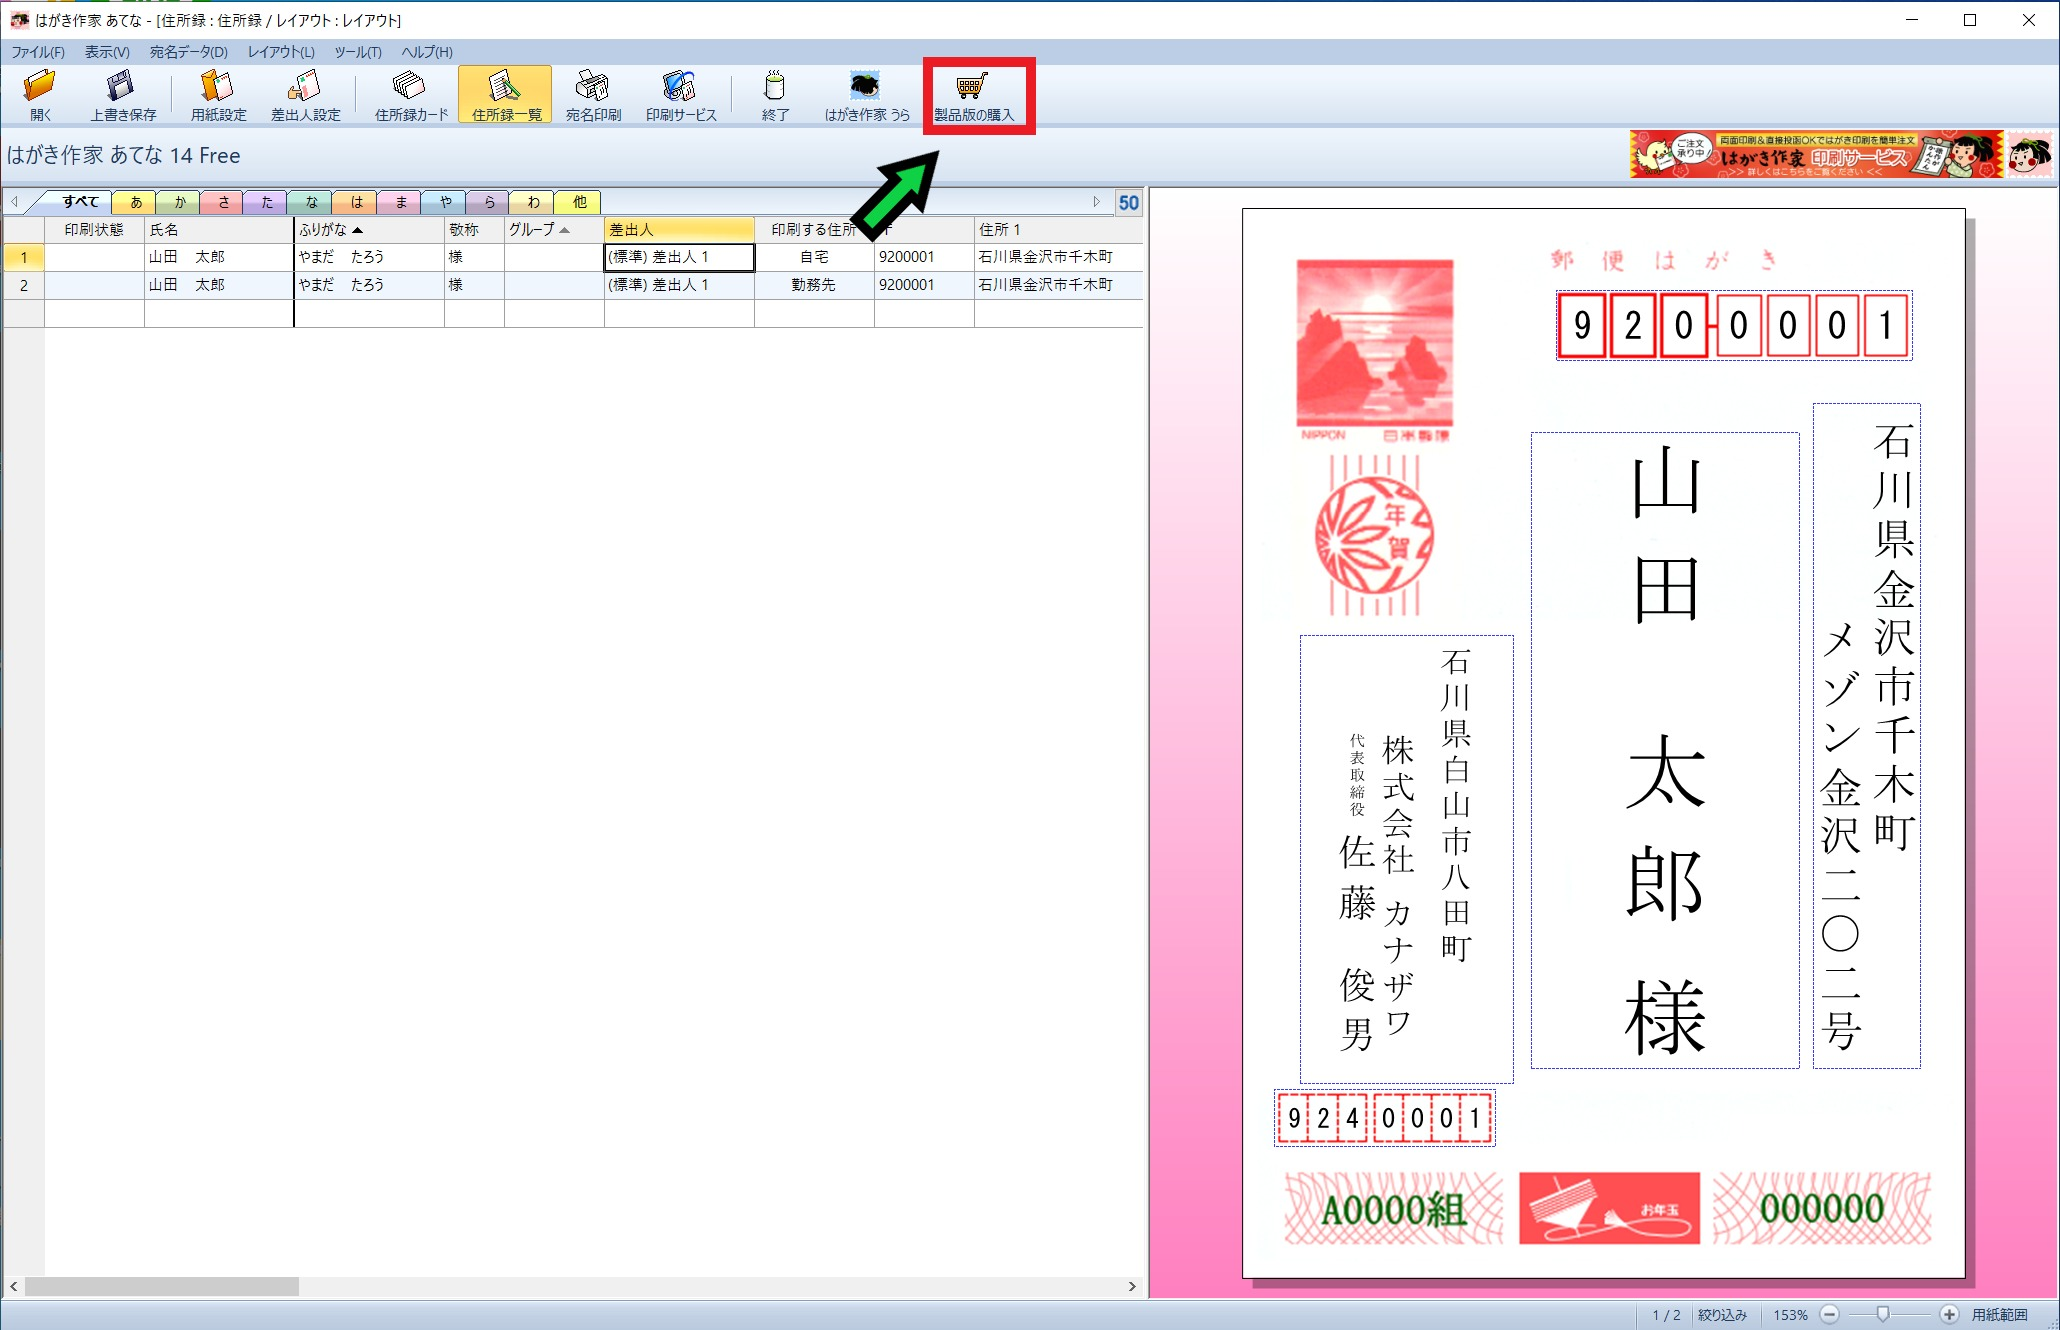 【宛名編】年賀状の住所録、デザインを簡単に作成できる無料ソフト「はがき作家」の使い方解説